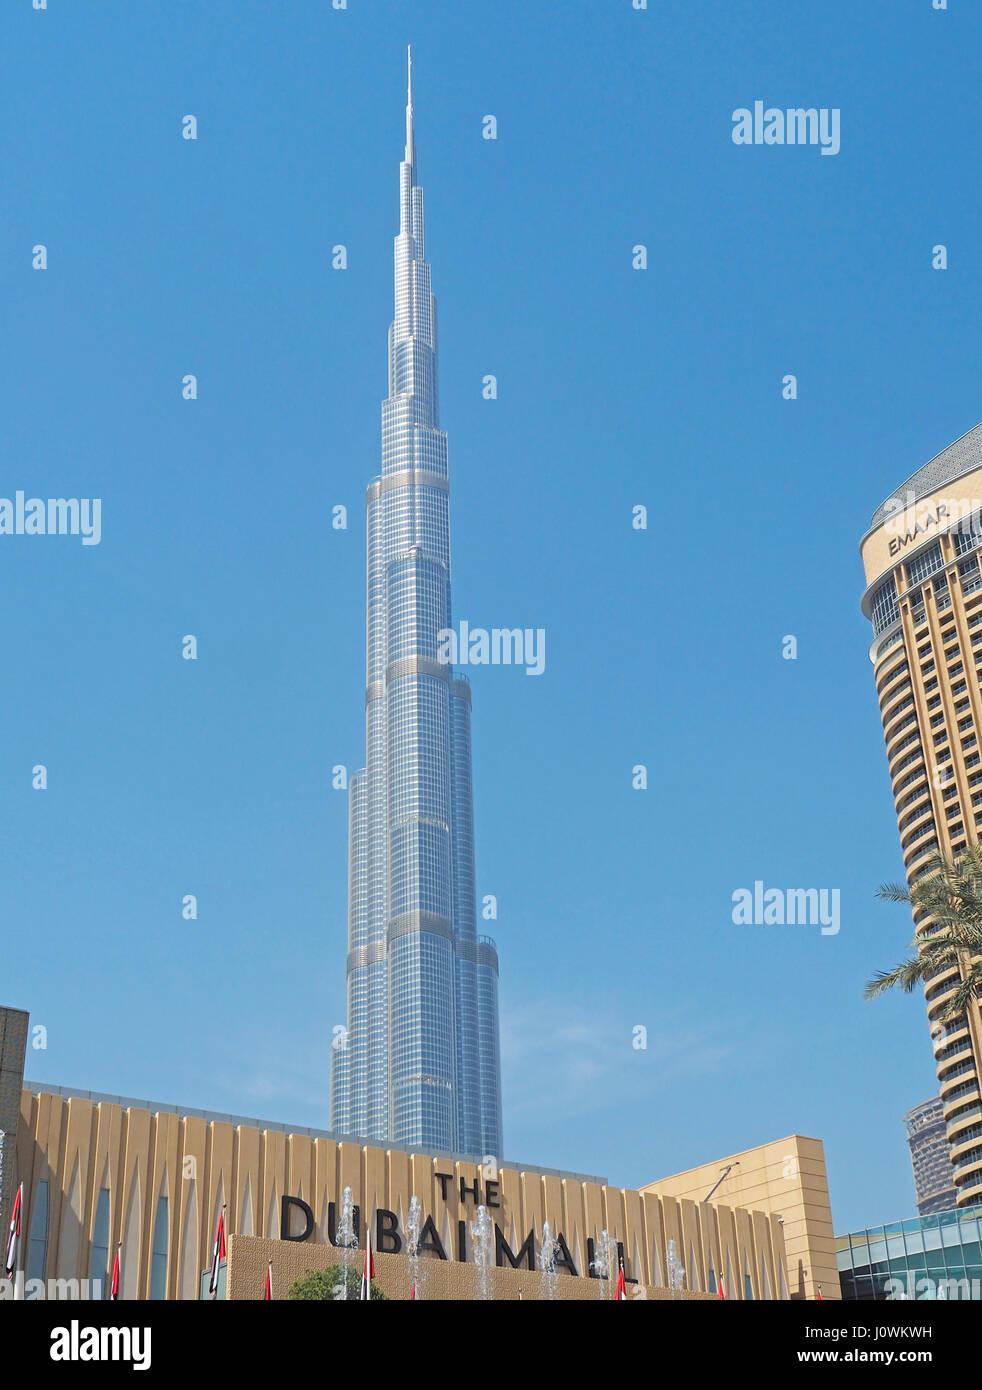 Gratte-ciel Burj Khalifa, à Dubaï, Émirats arabes unis. Photo Stock